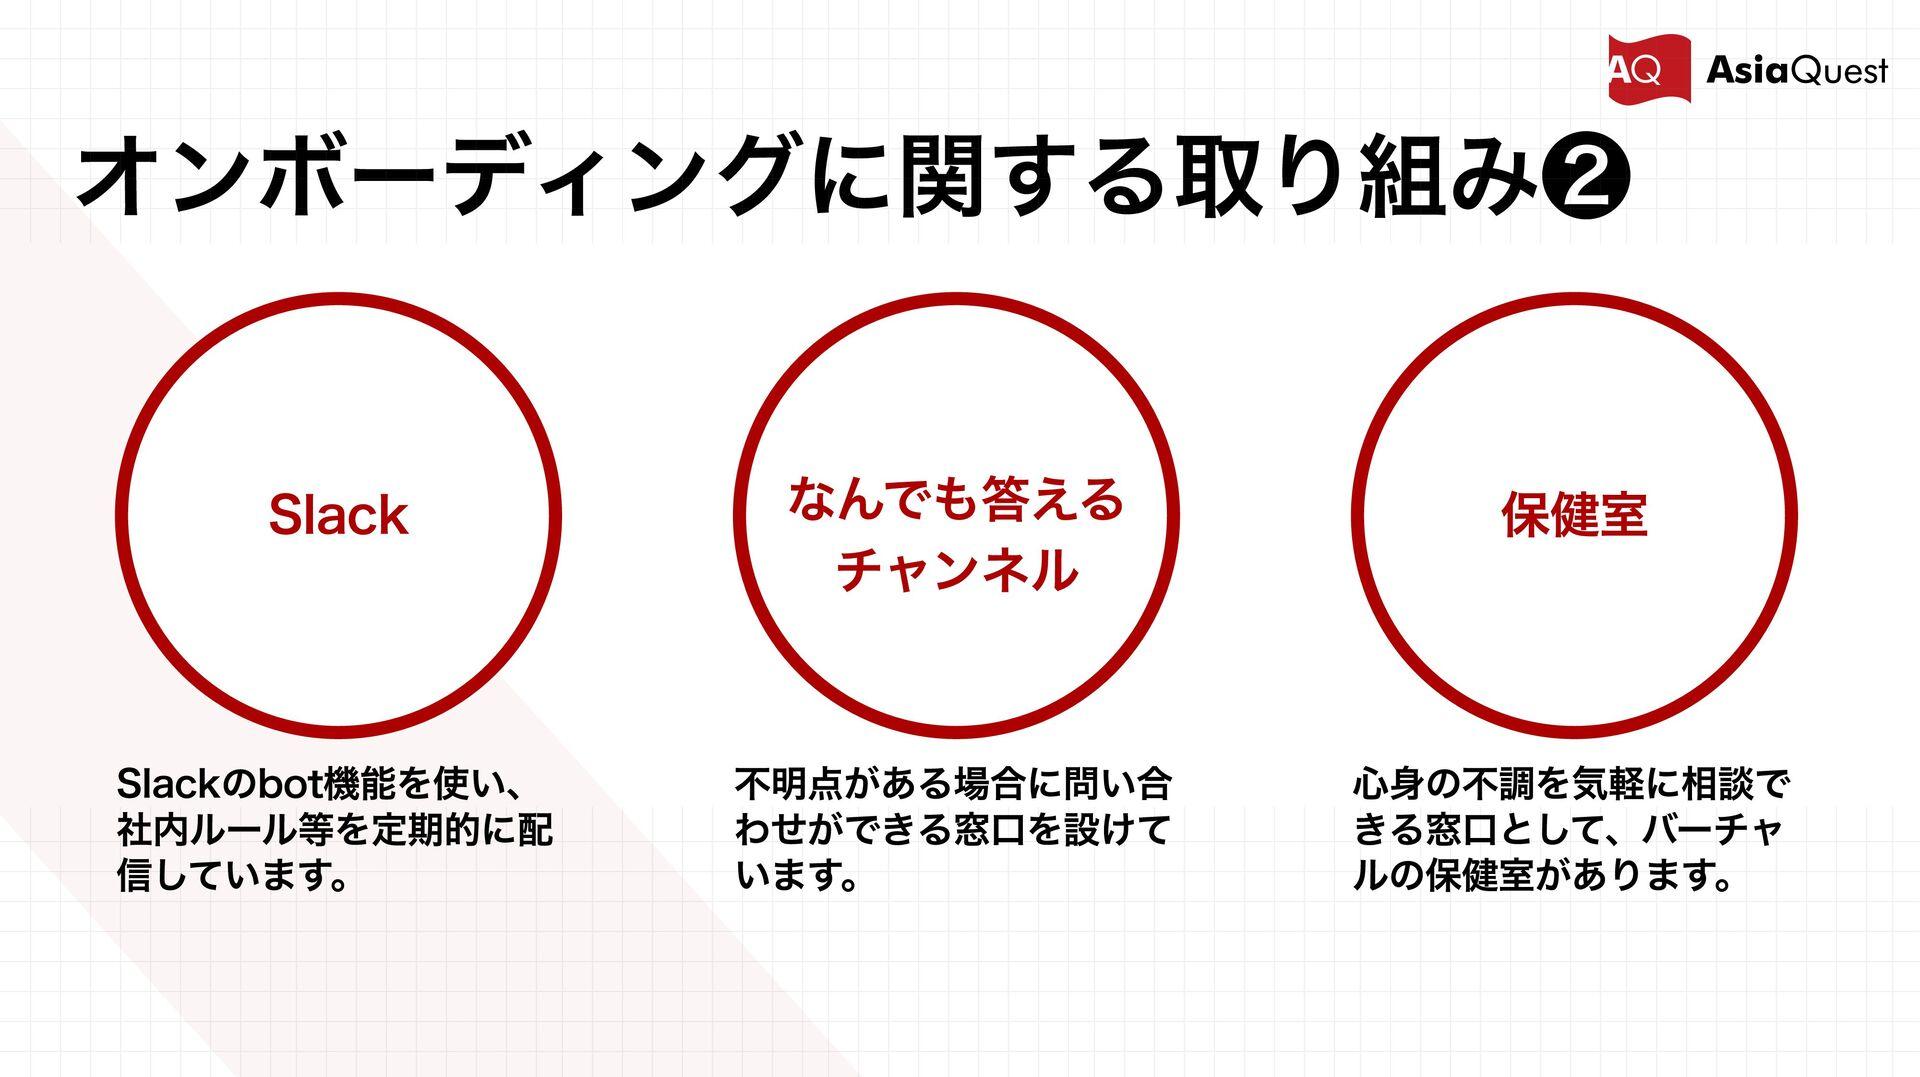 技術顧問紹介 川島義隆⽒ 株式会社ウルフチーフ代表取締役。⼤⼿SIerで⼤⼩ 様々なWebアプ...